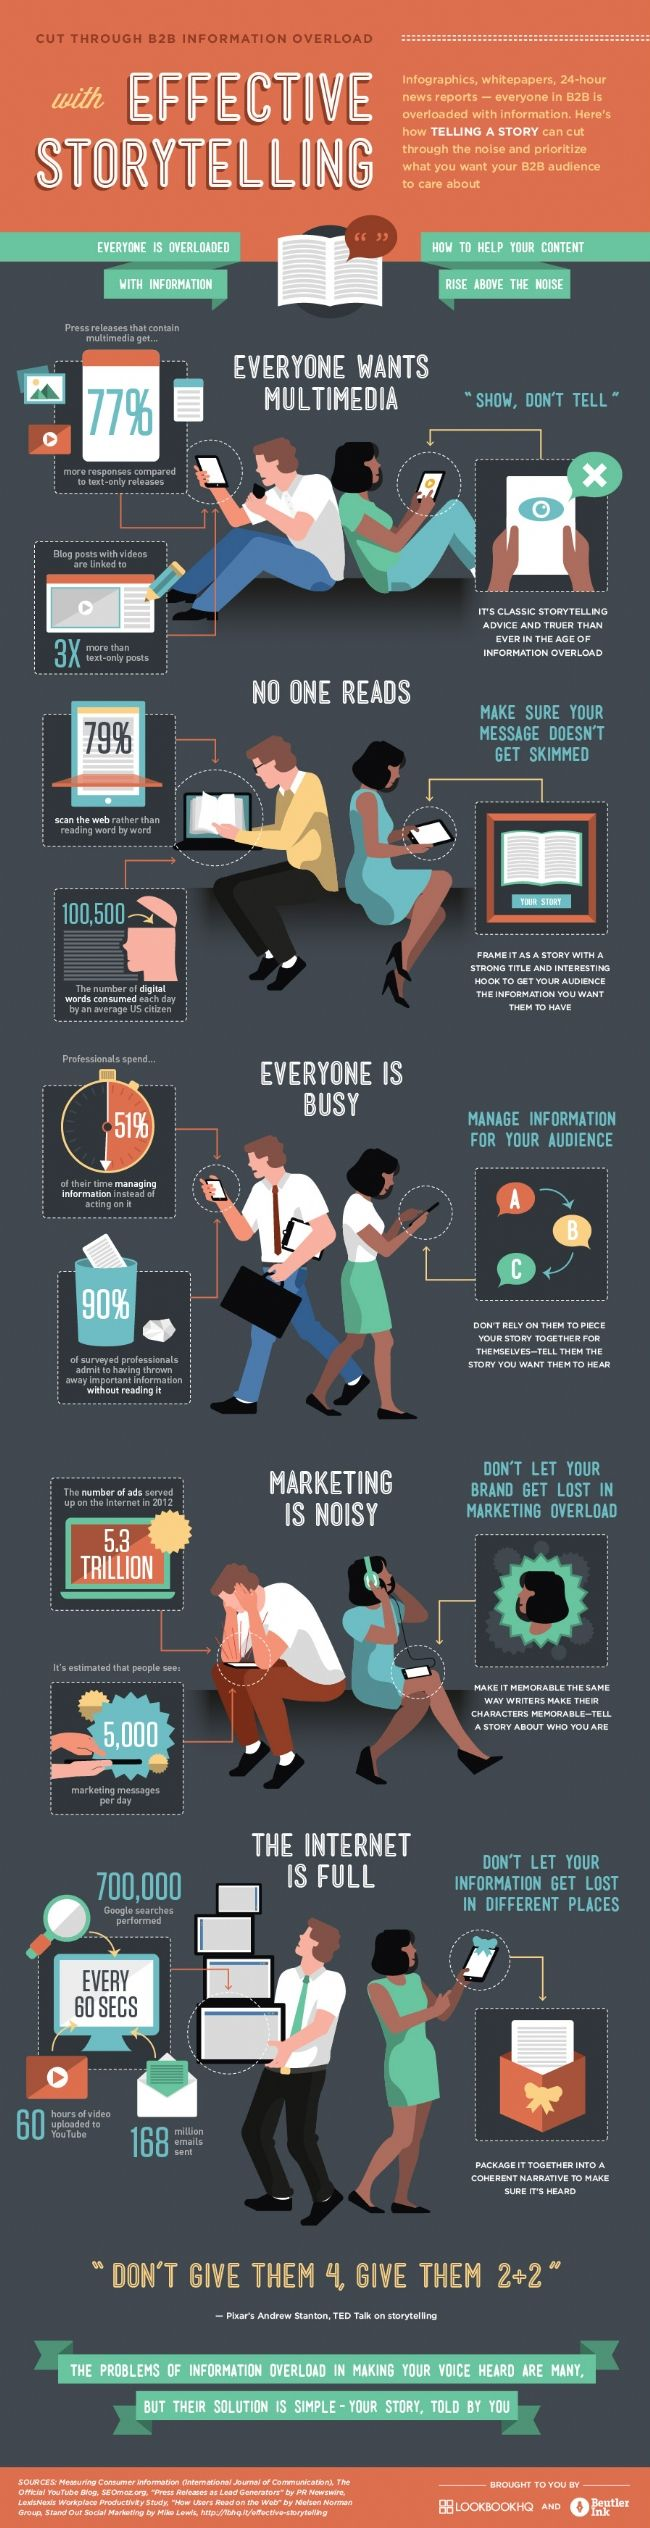 Comment dire des histoires et être entendu par vos clients professionnels, alors qu'ils voient passer environ 5000 messages marketing chaque jour ? La réponse avec une infographie publiée par Lookbook.